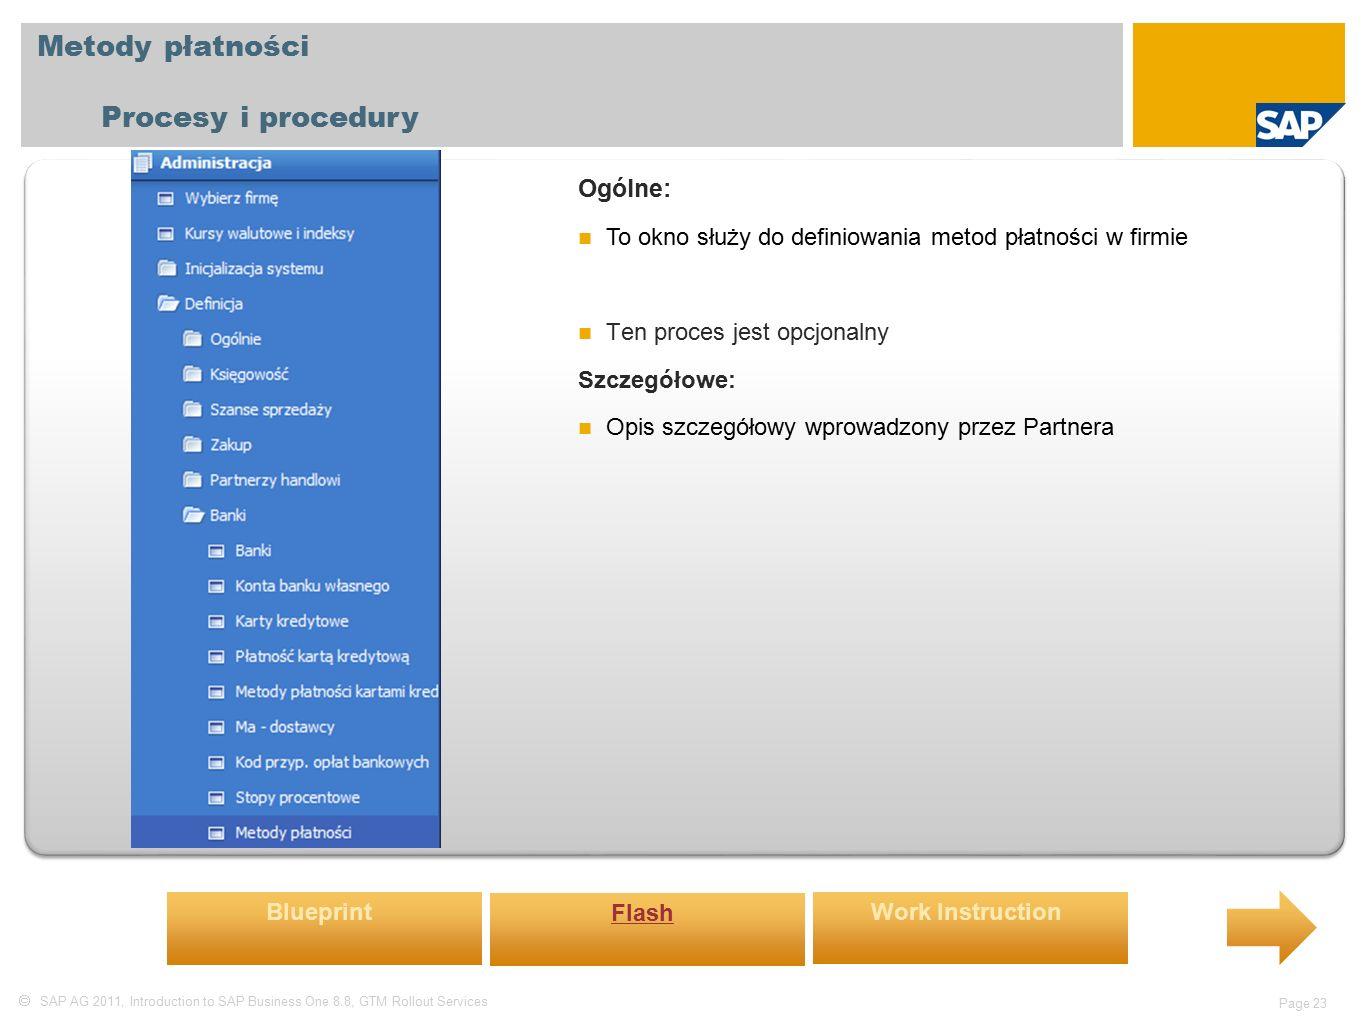  SAP AG 2011, Introduction to SAP Business One 8.8, GTM Rollout Services Page 23 Metody płatności Procesy i procedury Ogólne: To okno służy do definiowania metod płatności w firmie Ten proces jest opcjonalny Szczegółowe: Opis szczegółowy wprowadzony przez Partnera Blueprint Flash Work Instruction